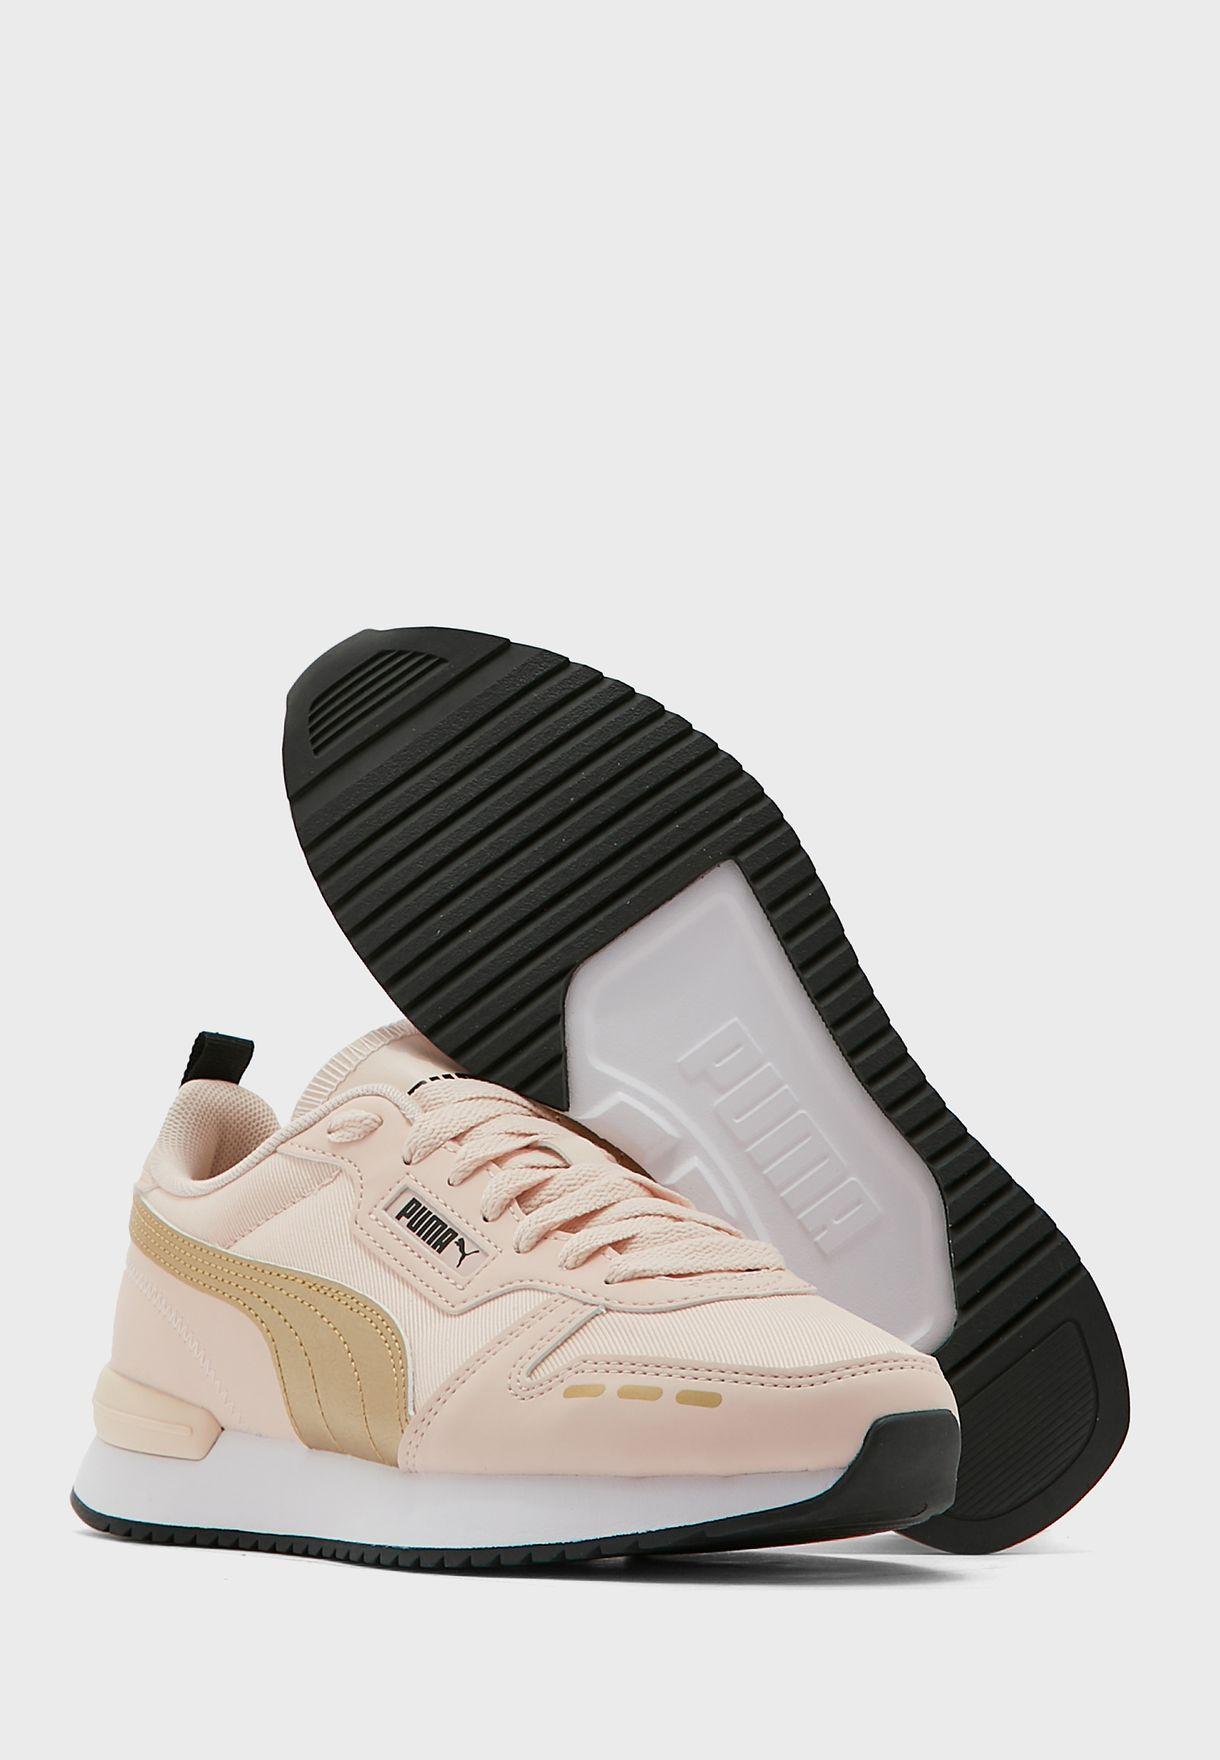 حذاء ار 7 8 ميتاليك اف اس